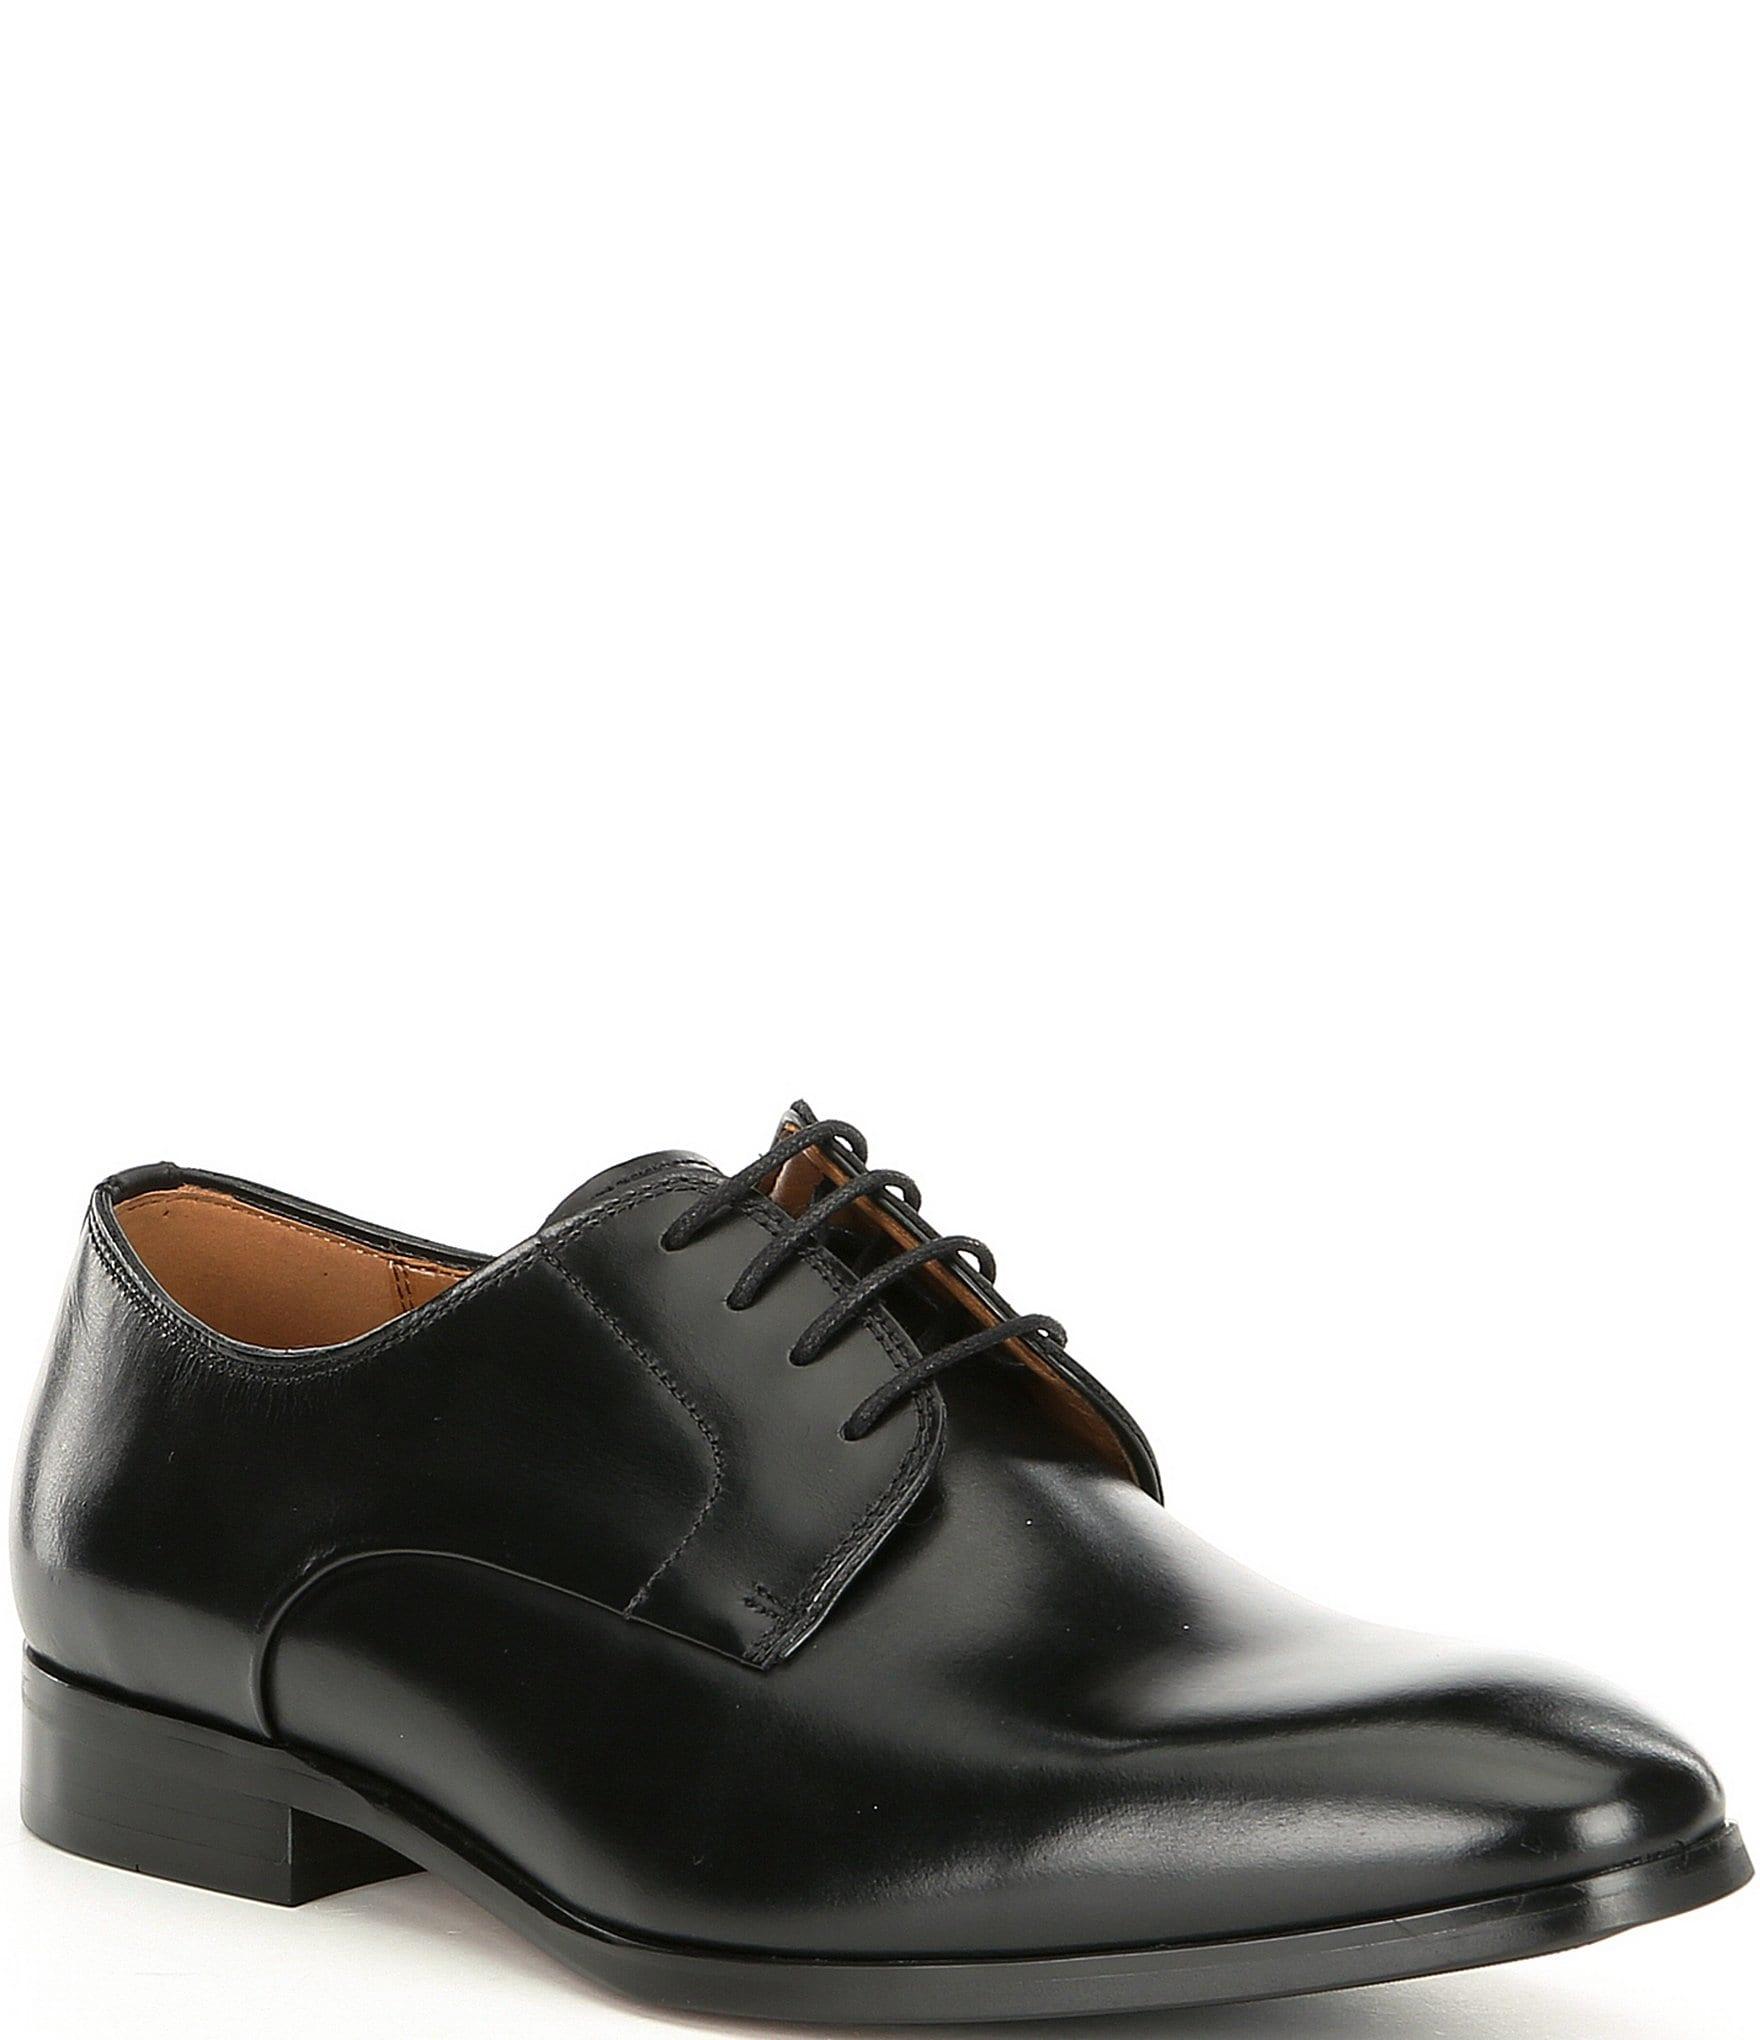 52171ec8e5 Steve Madden Men's Parsens Leather Oxford